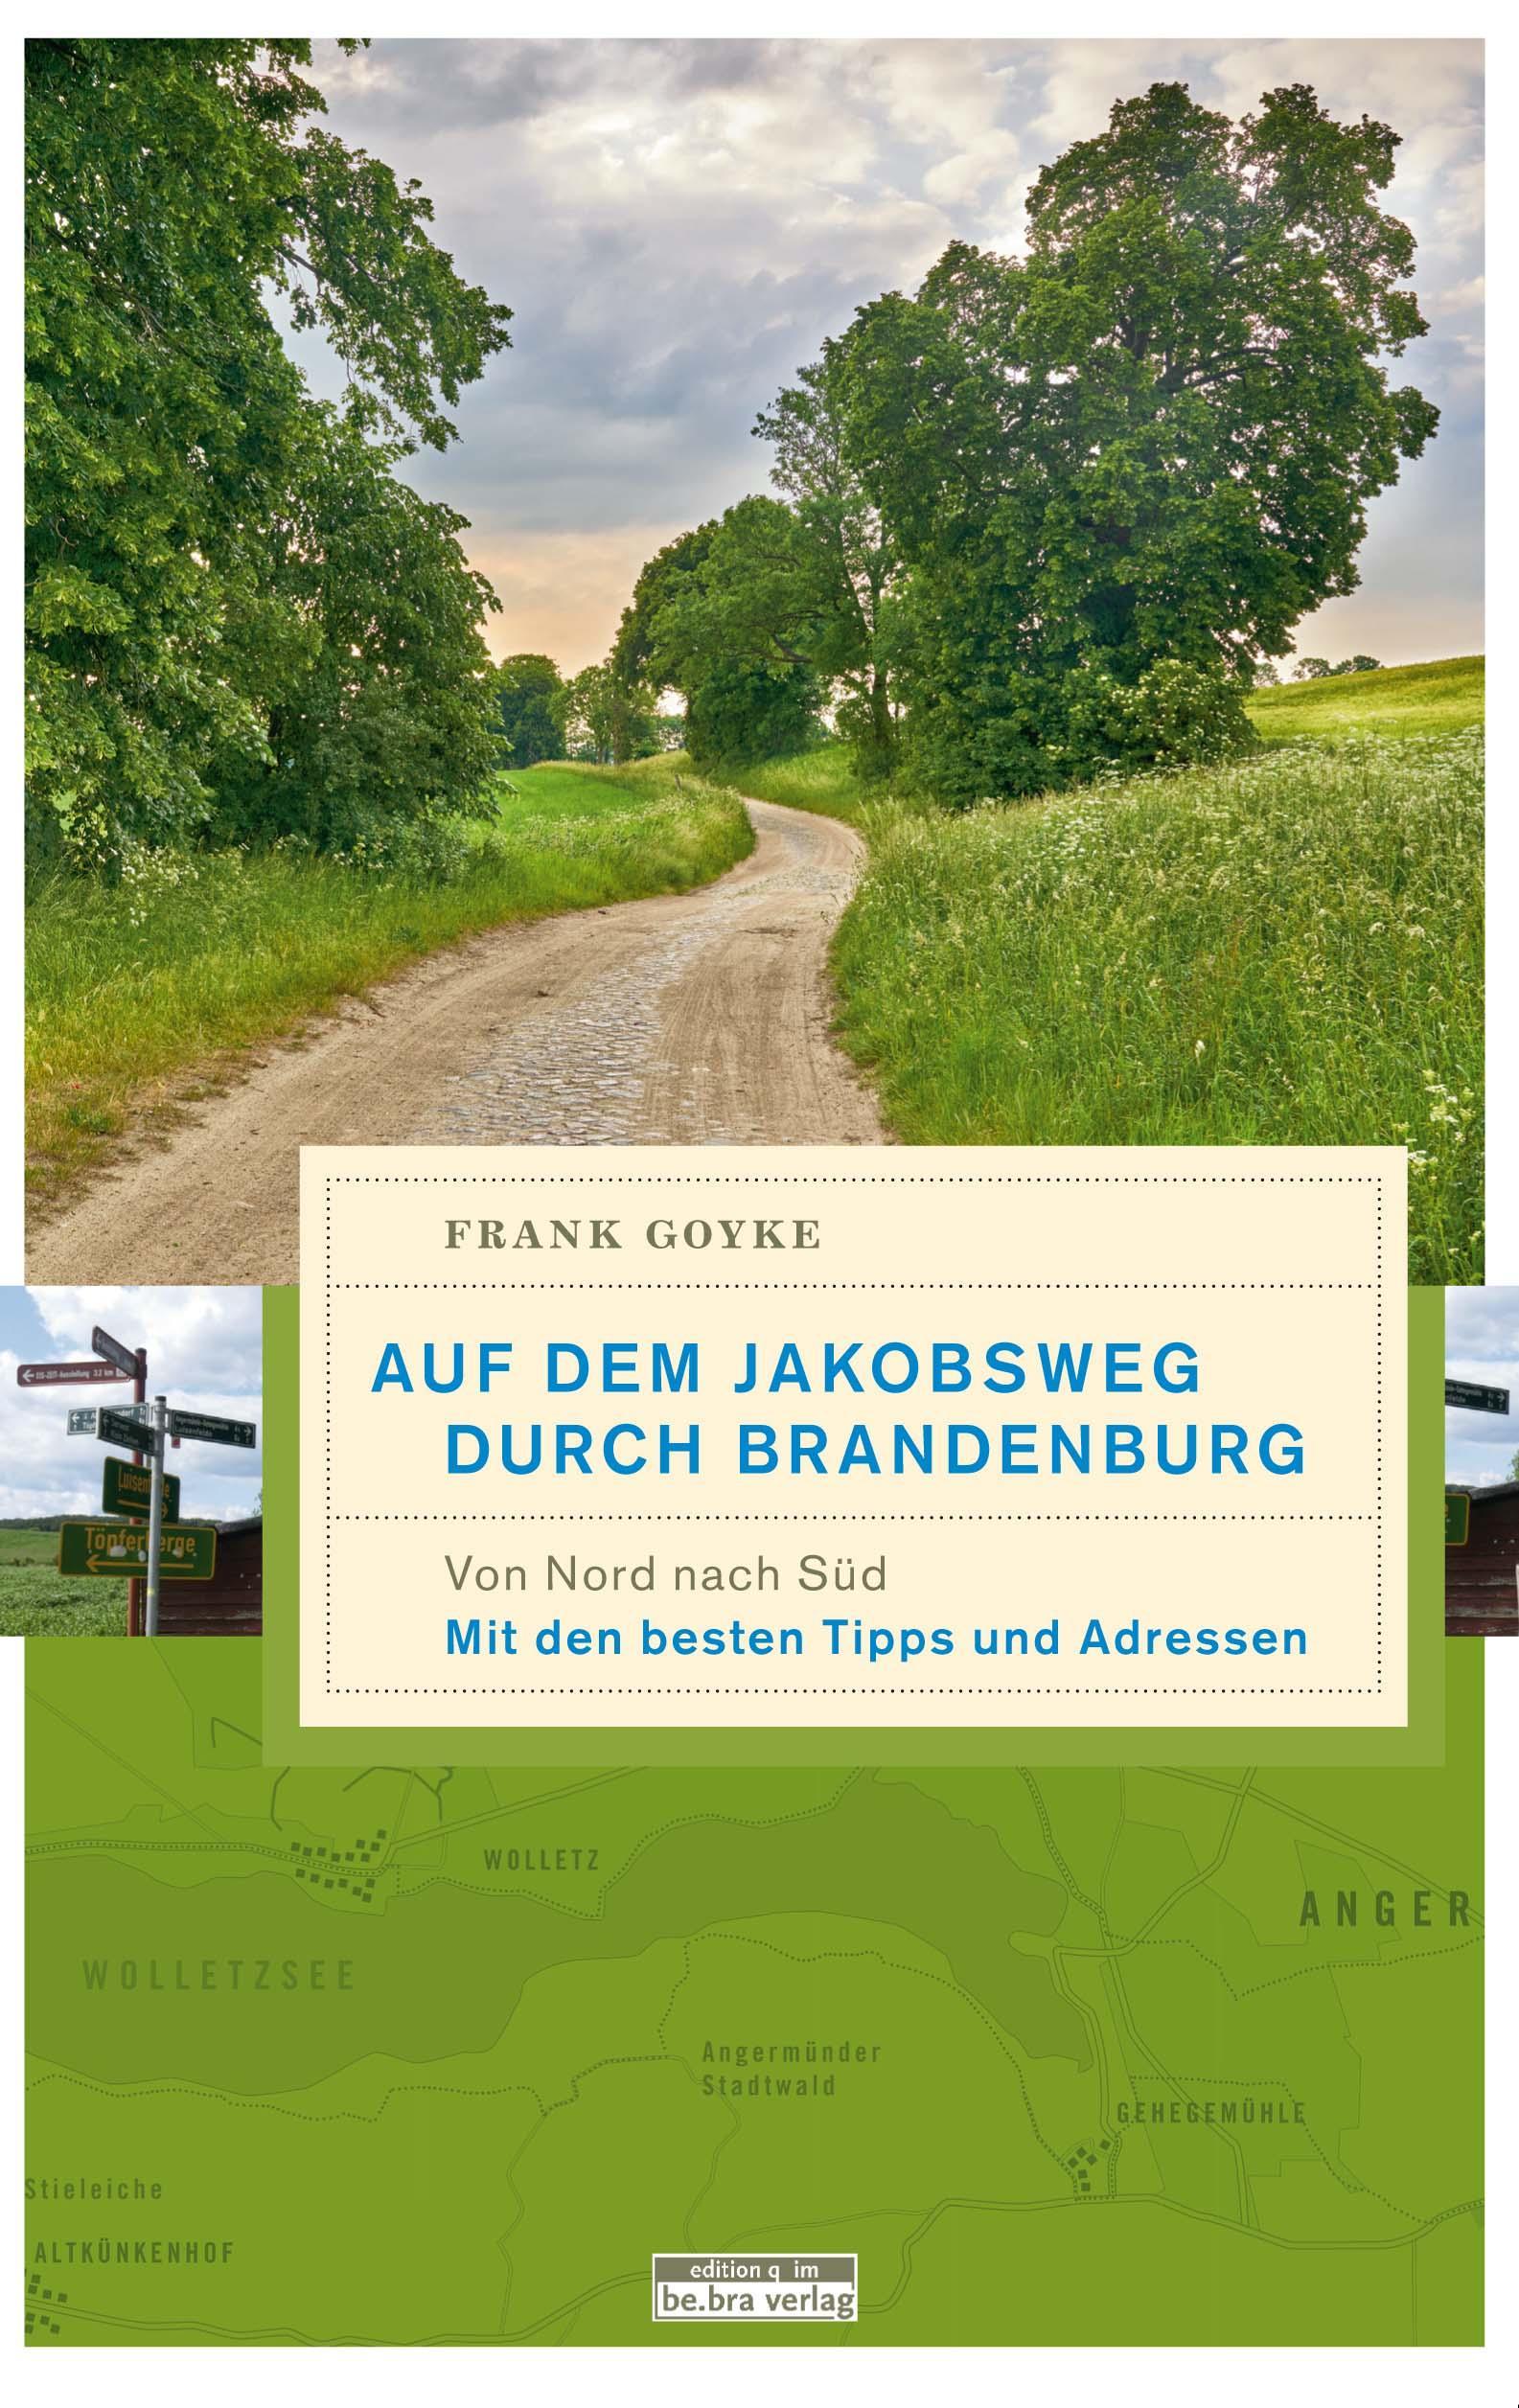 Auf-dem-Jakobsweg-durch-Brandenburg-Von-Nord-nach-Sued-Frank-Goyke-Taschenbuch